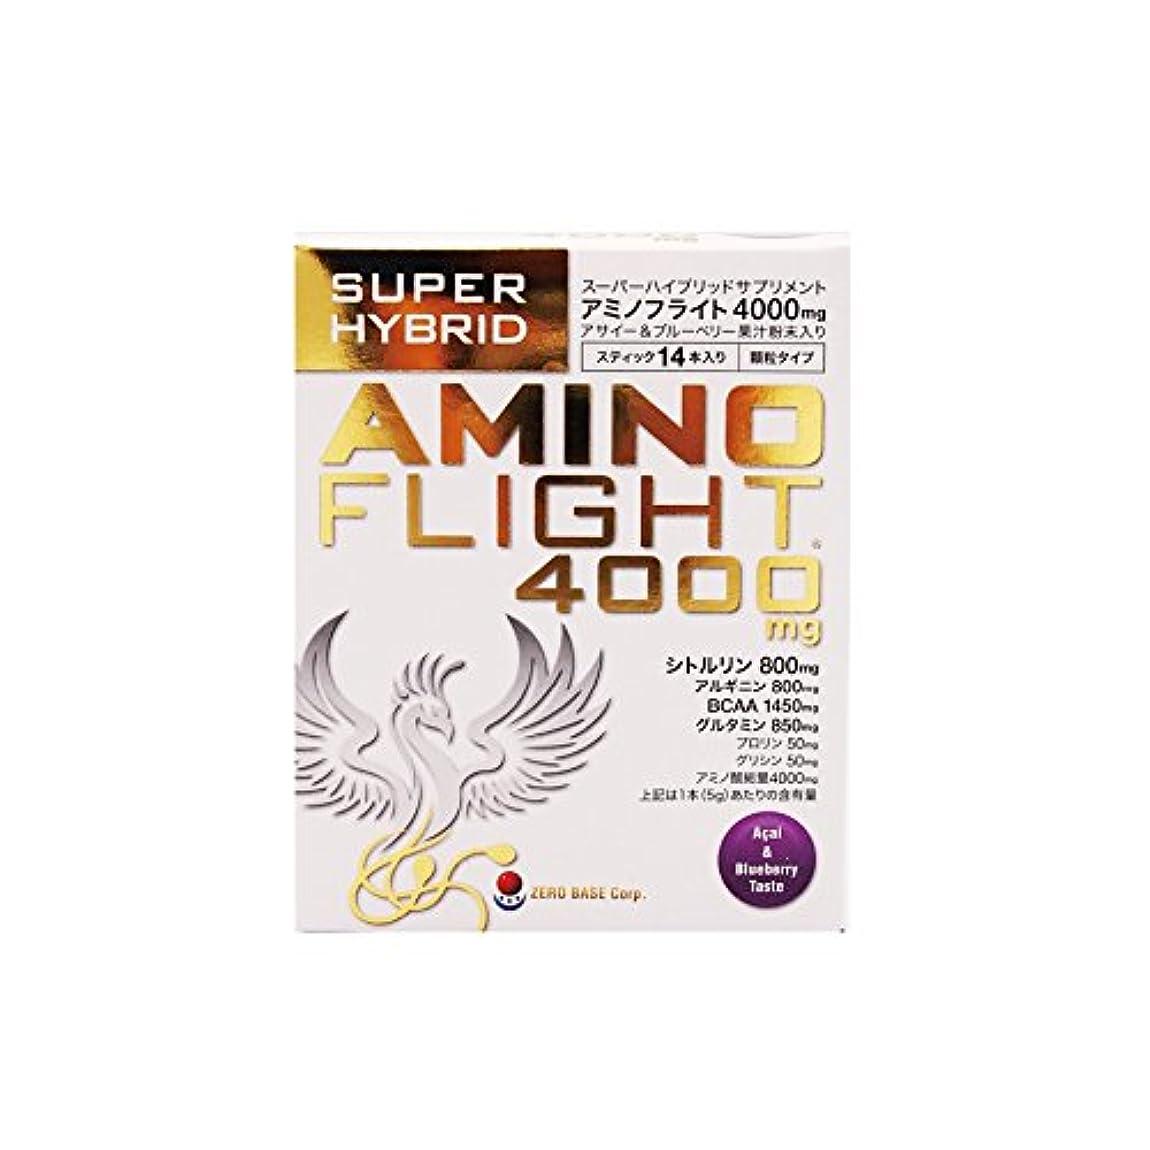 みがきます方法論フローティングアミノフライト 4000mg 5g×14本入り アサイー&ブルーベリー風味 顆粒タイプ